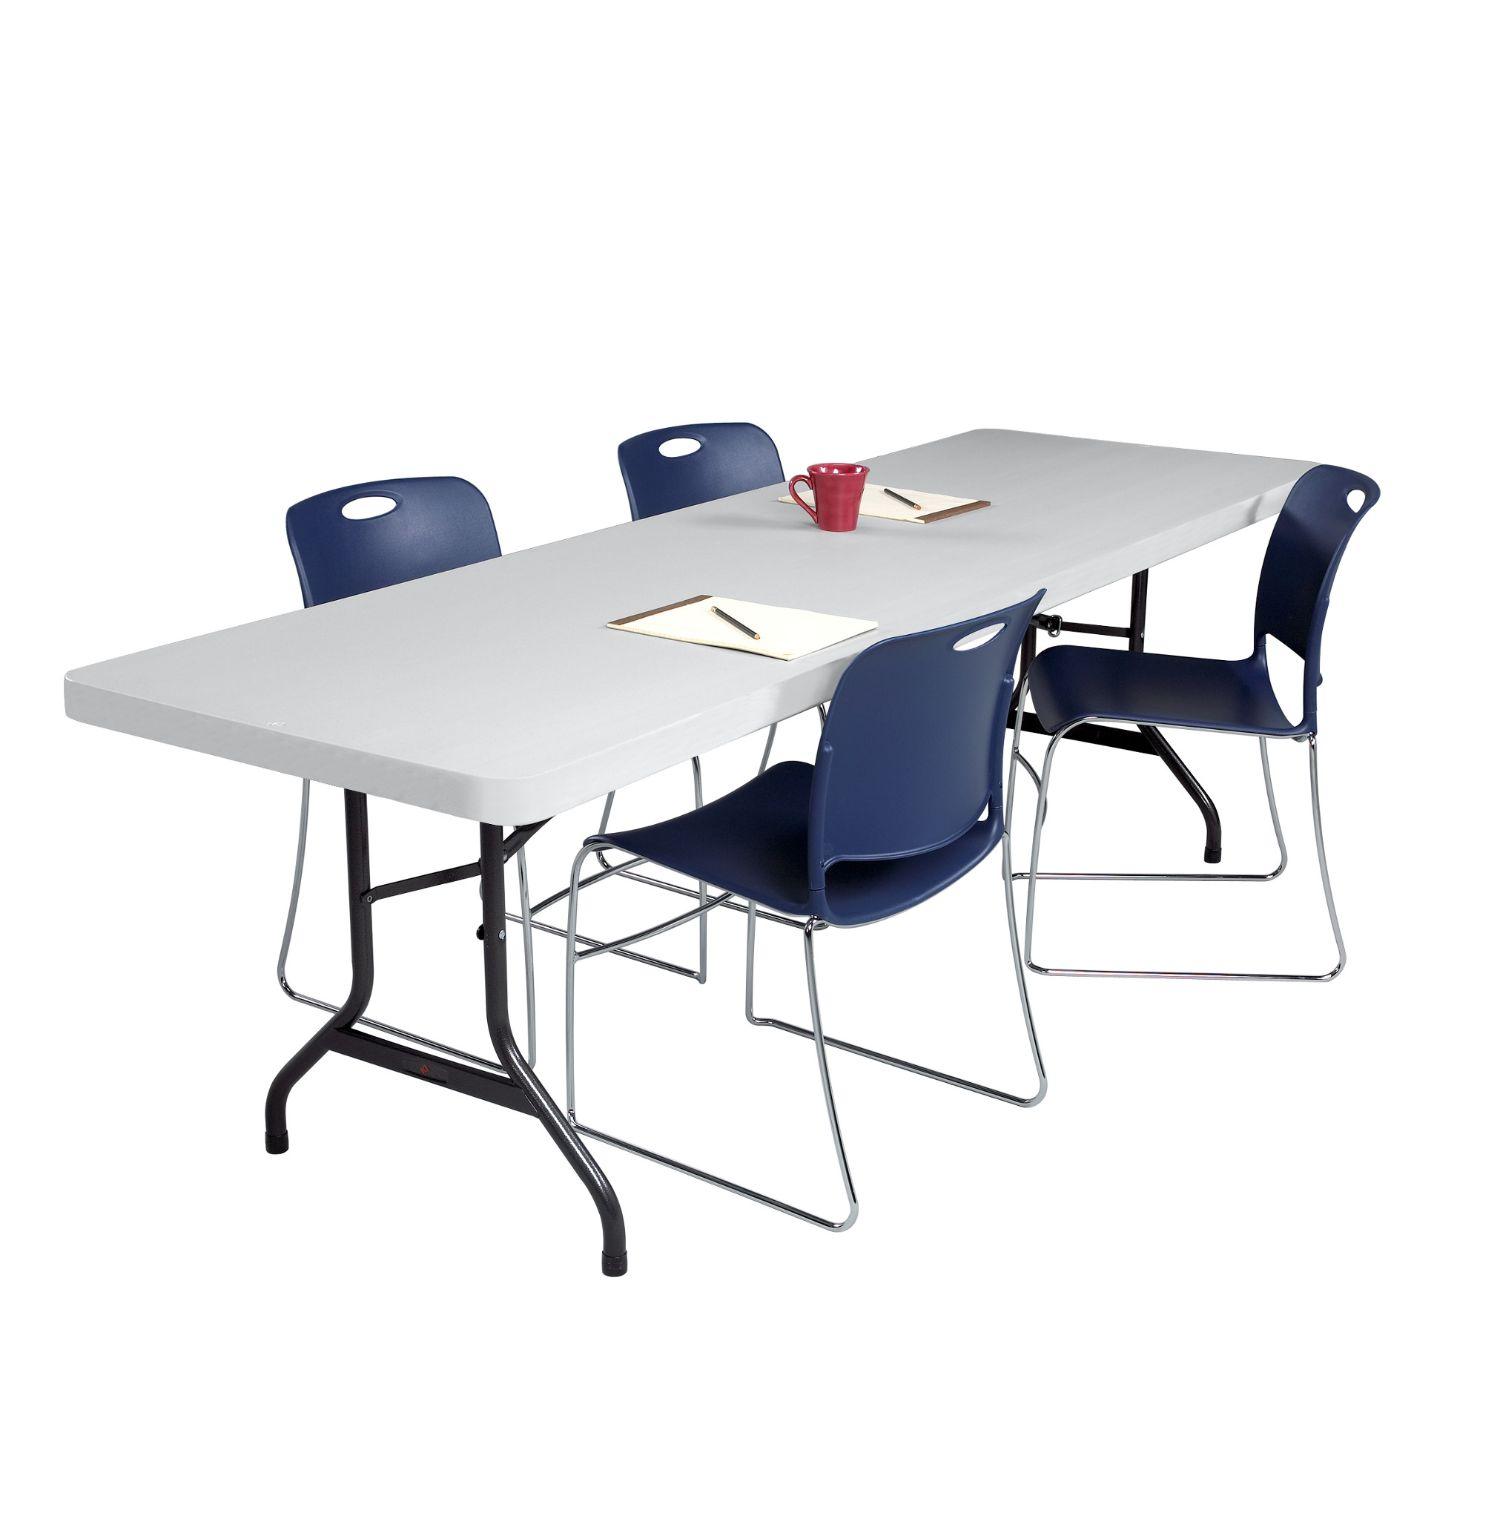 ki valuelite cafeteria table